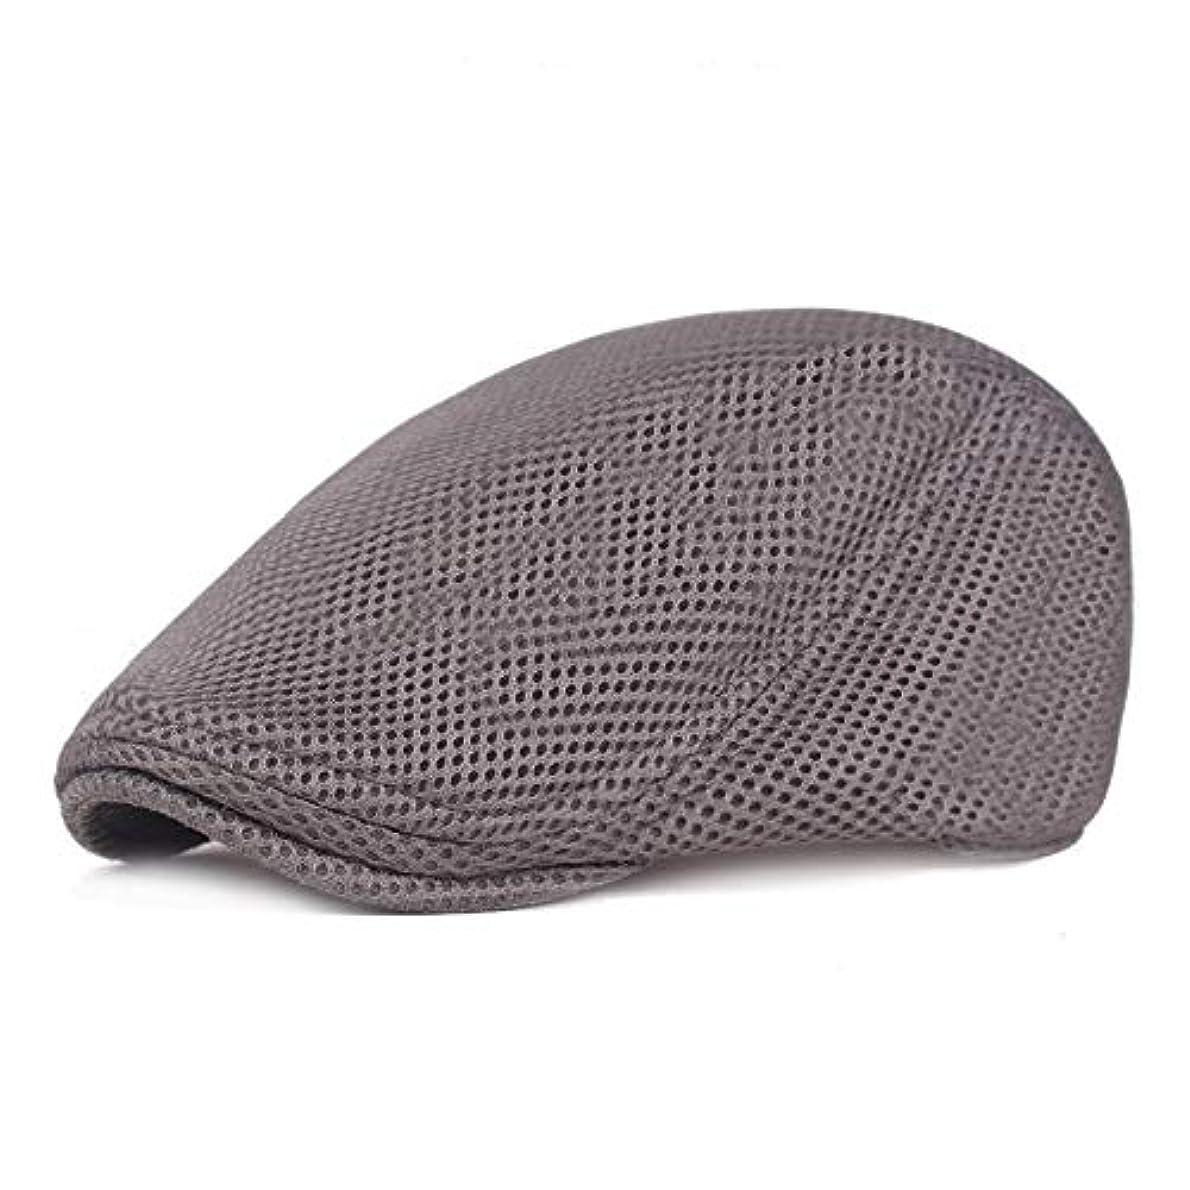 め言葉聖人すずめメッシュ ハンチング キャップ 夏用 綿 ベレー帽 調整可能ワークキャップ アウトドアキャップ 男女兼用